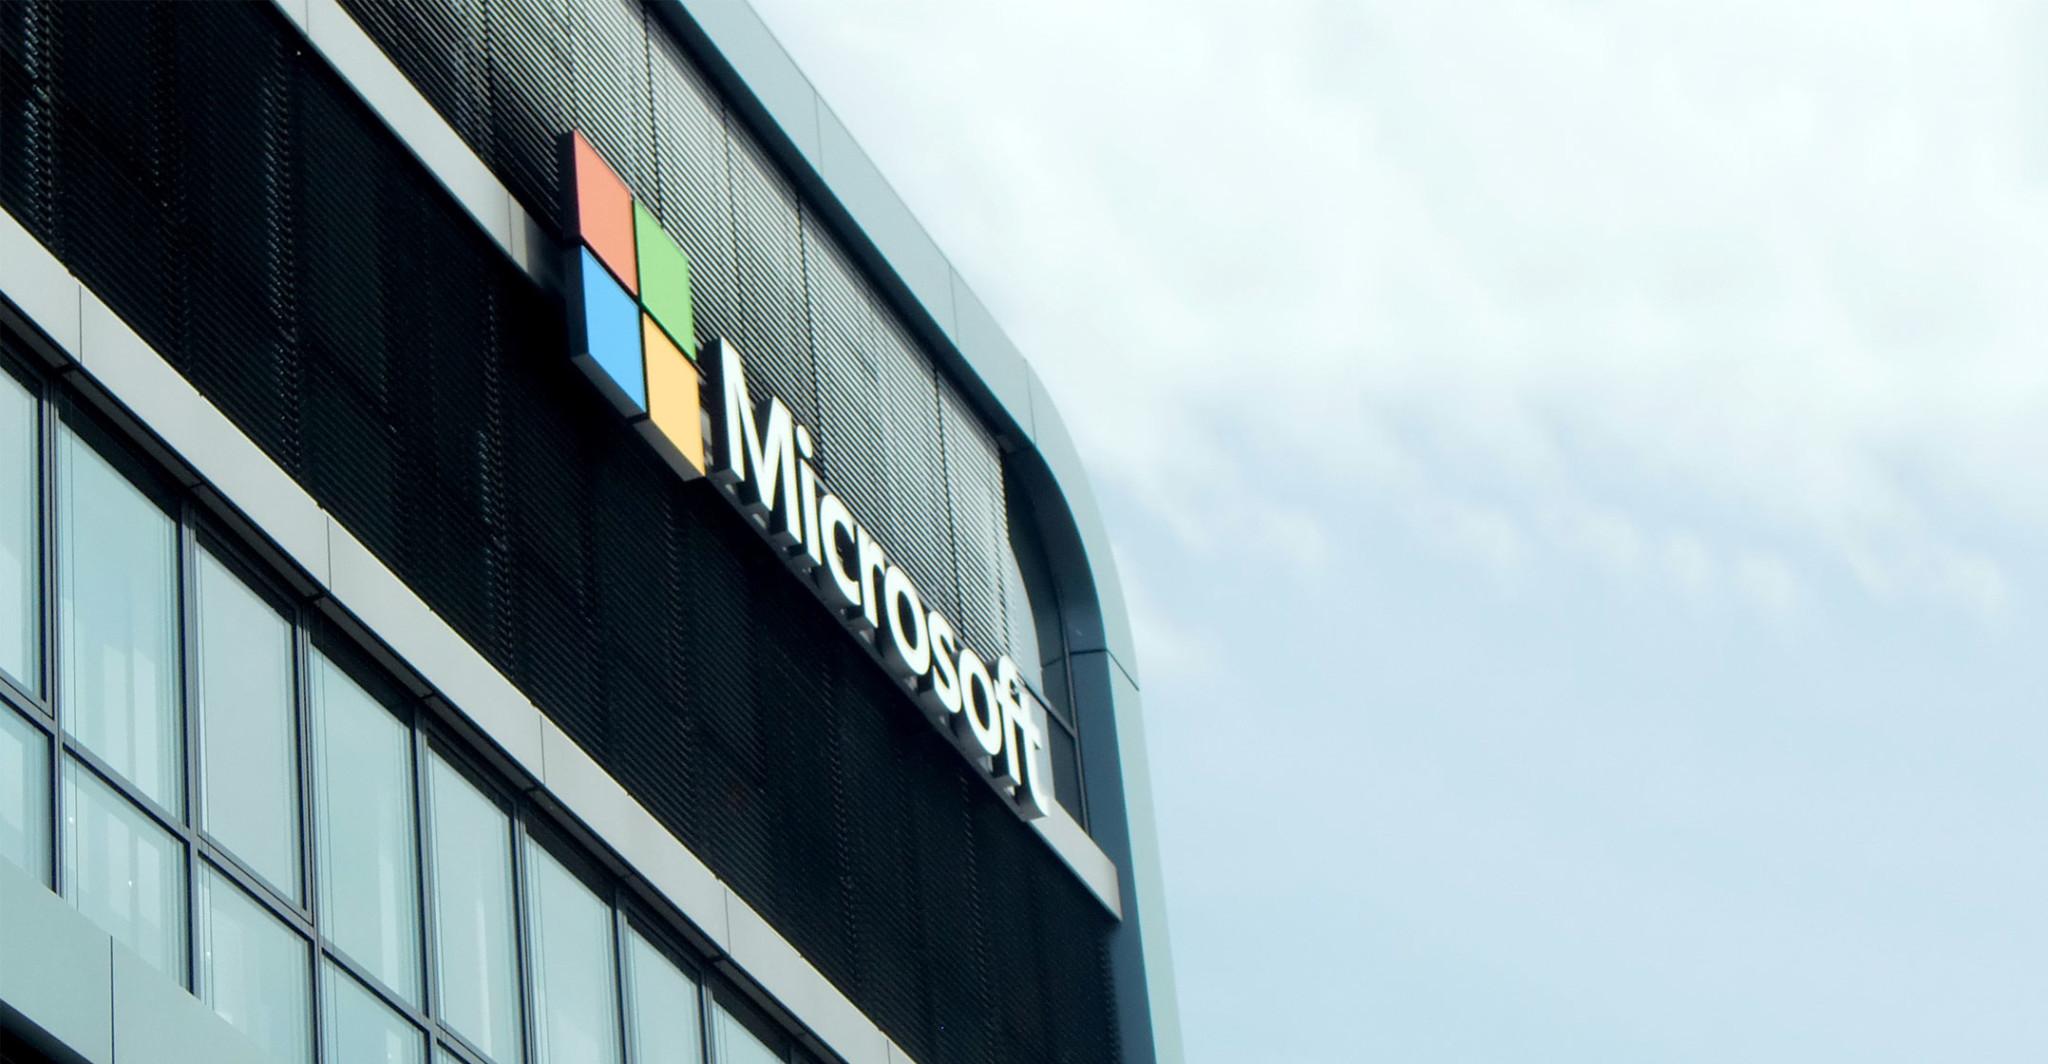 微软首次在非洲设研发中心 将投资超1亿美元